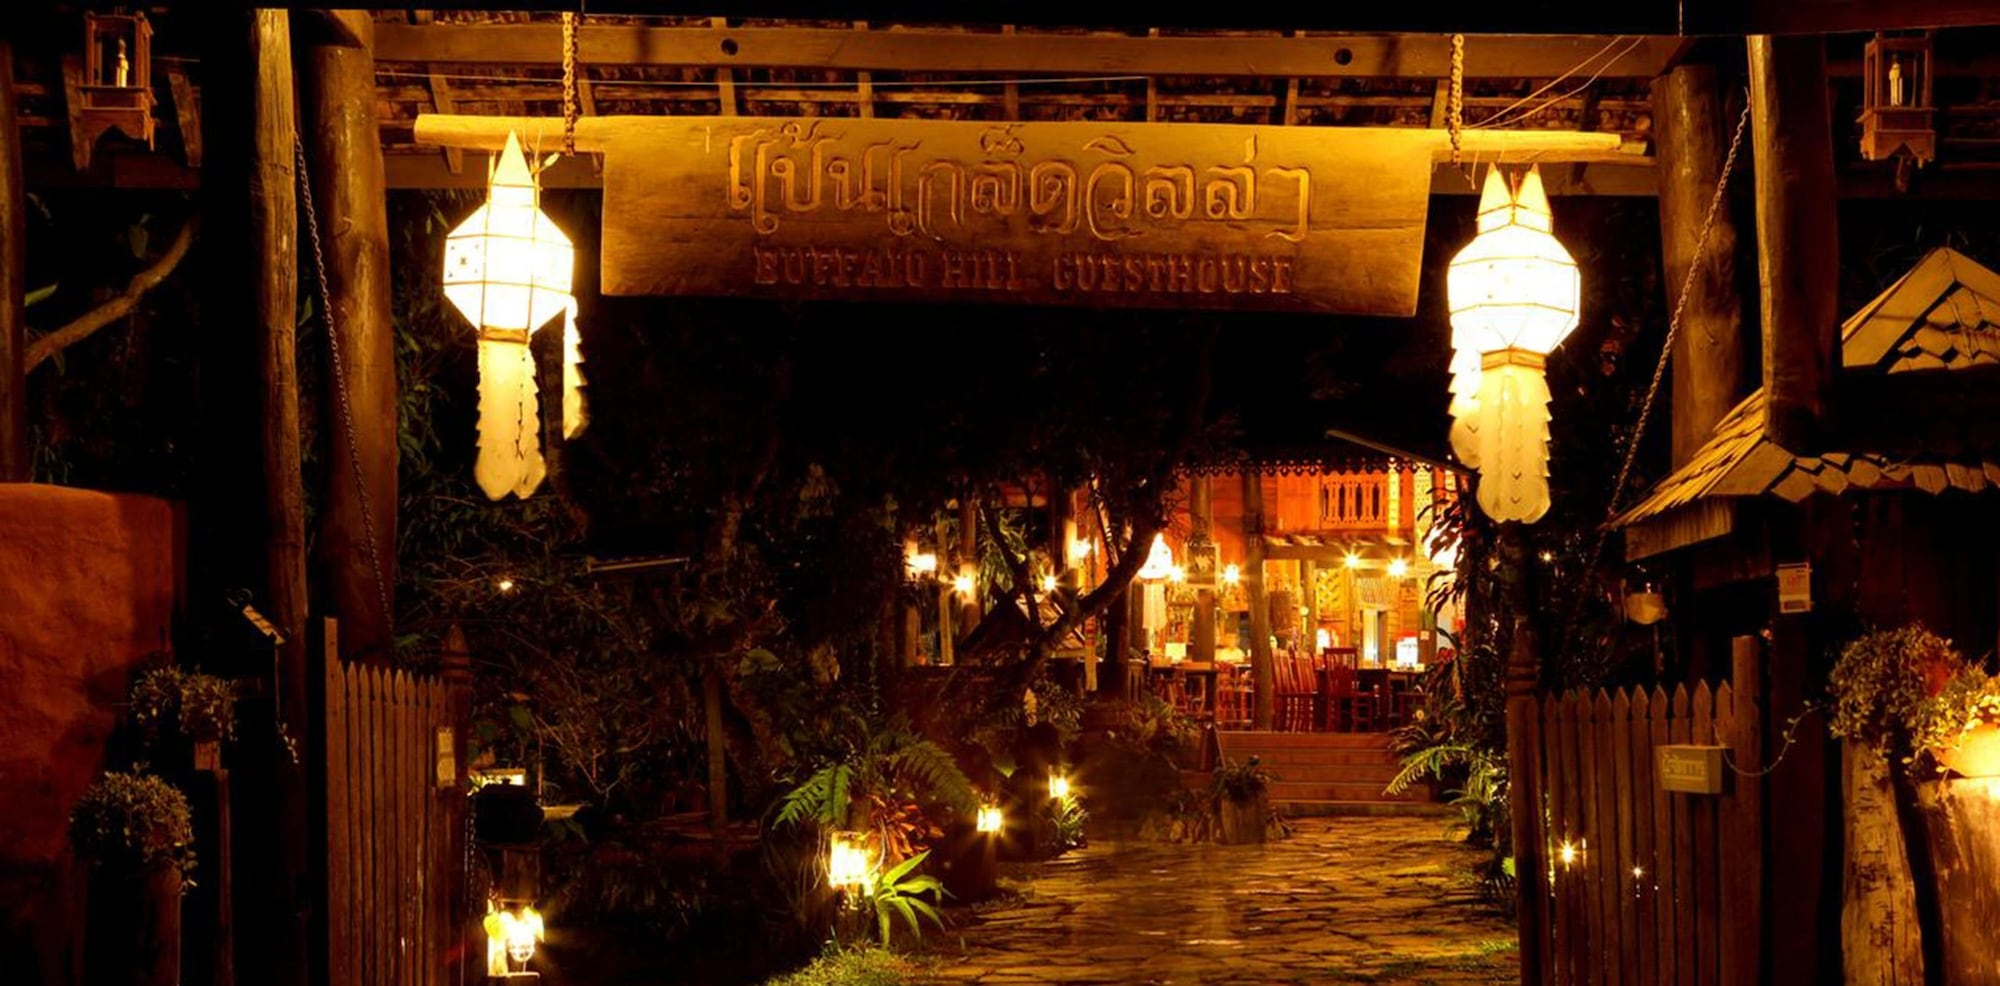 Pan Kled Villa Eco Hill Resort, Muang Chiang Rai